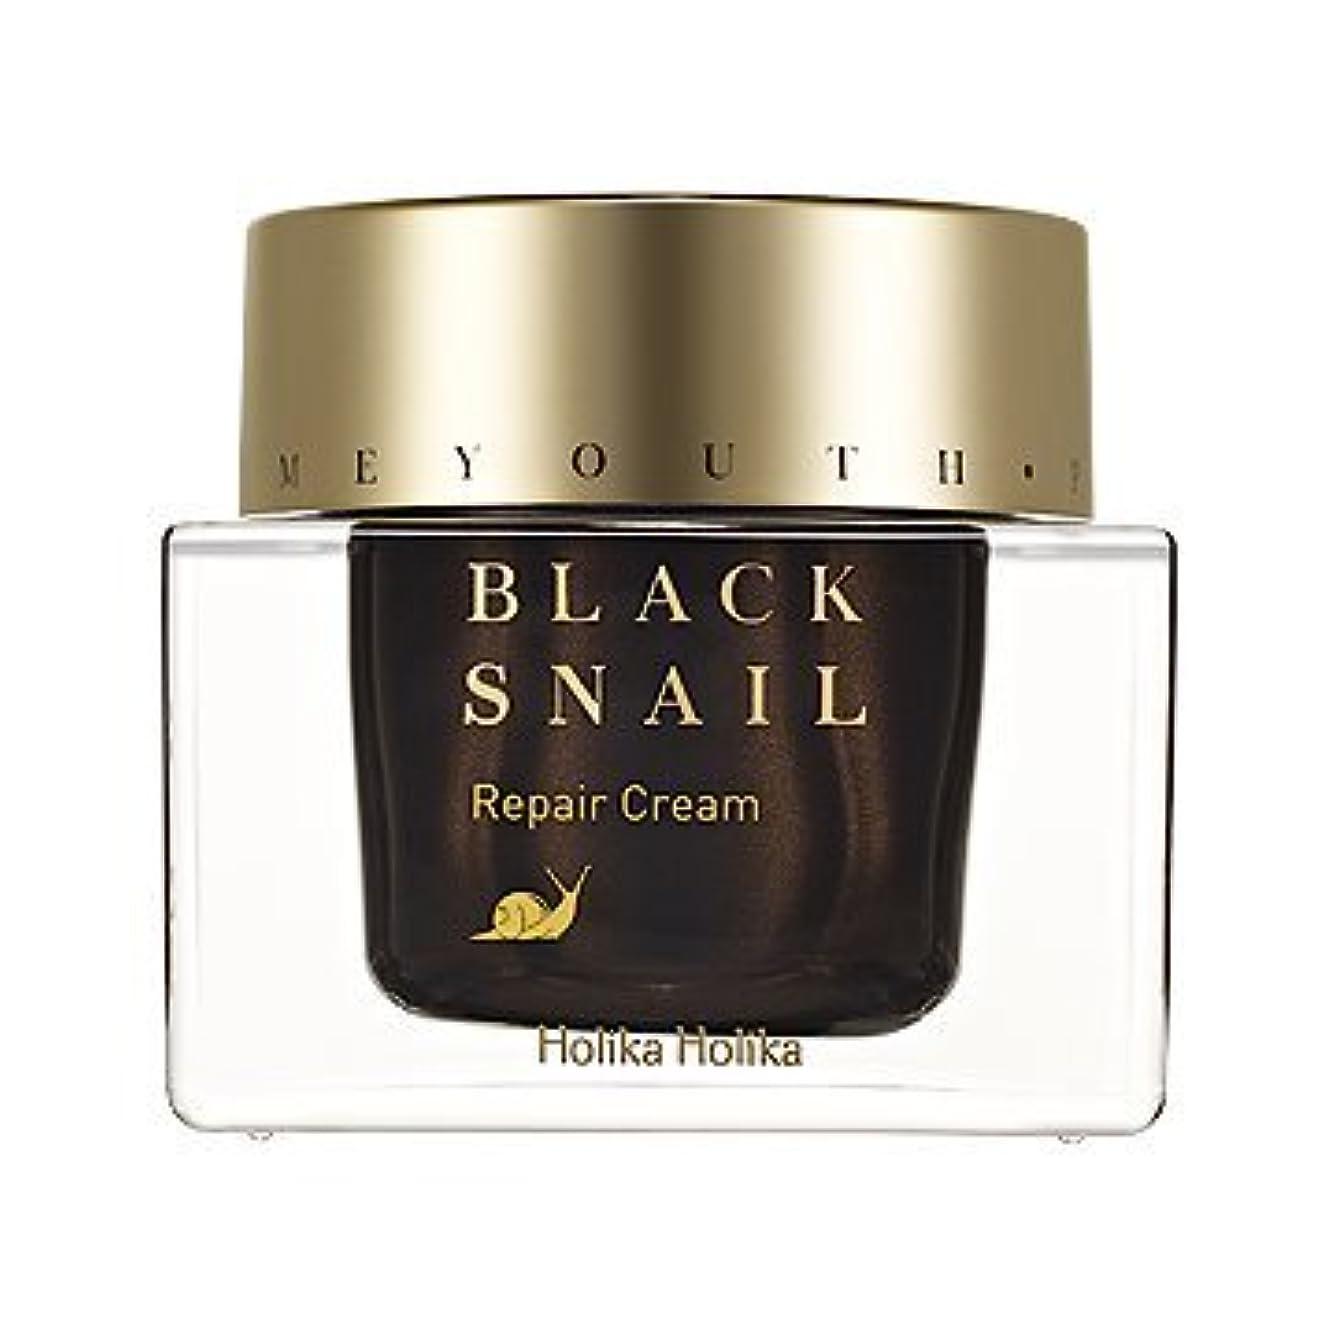 穿孔するカフェ量HolikaHolika(ホリカホリカ) Prime Youth Black Snail Repair Cream プライムユースブラックスネイルクリーム カタツムリ エスカルゴ [並行輸入品]